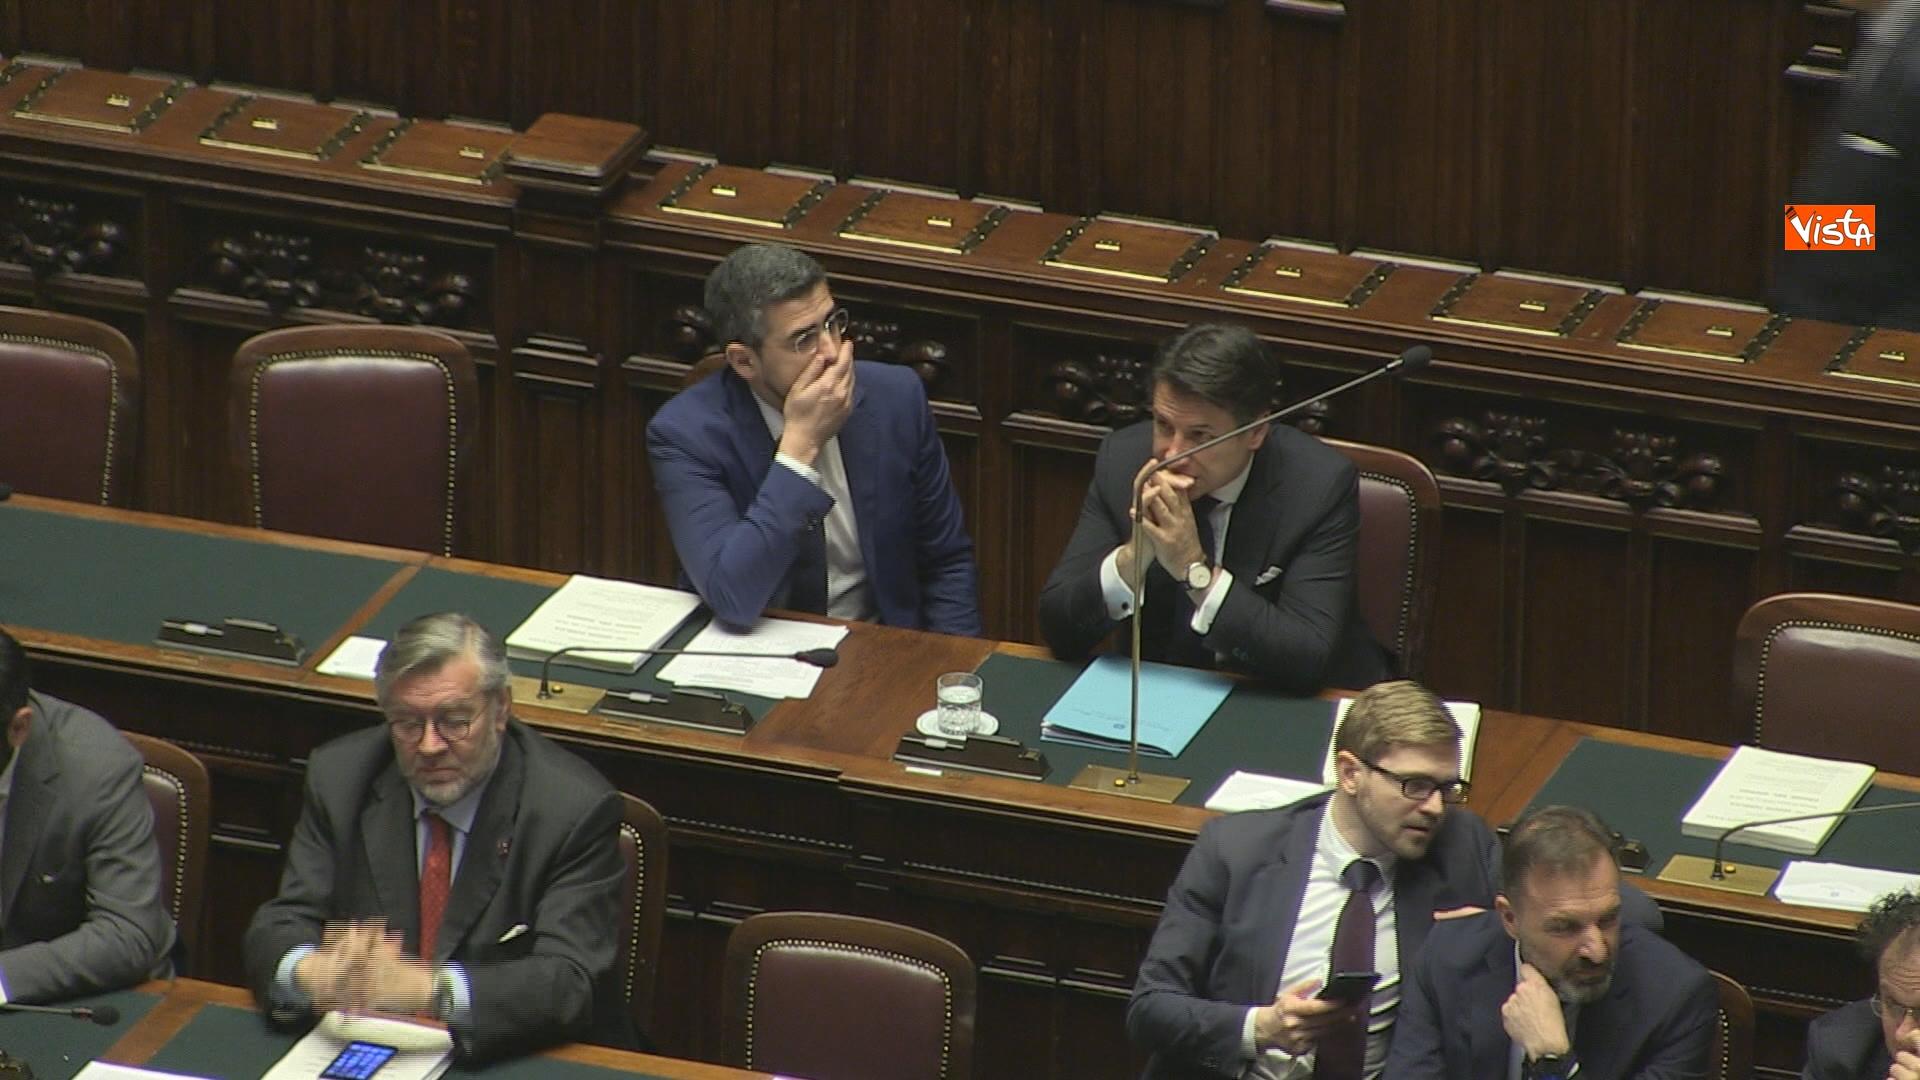 19-03-19 Conte riferisce in Aula Camera su Consiglio Ue e Via della seta immagini_04